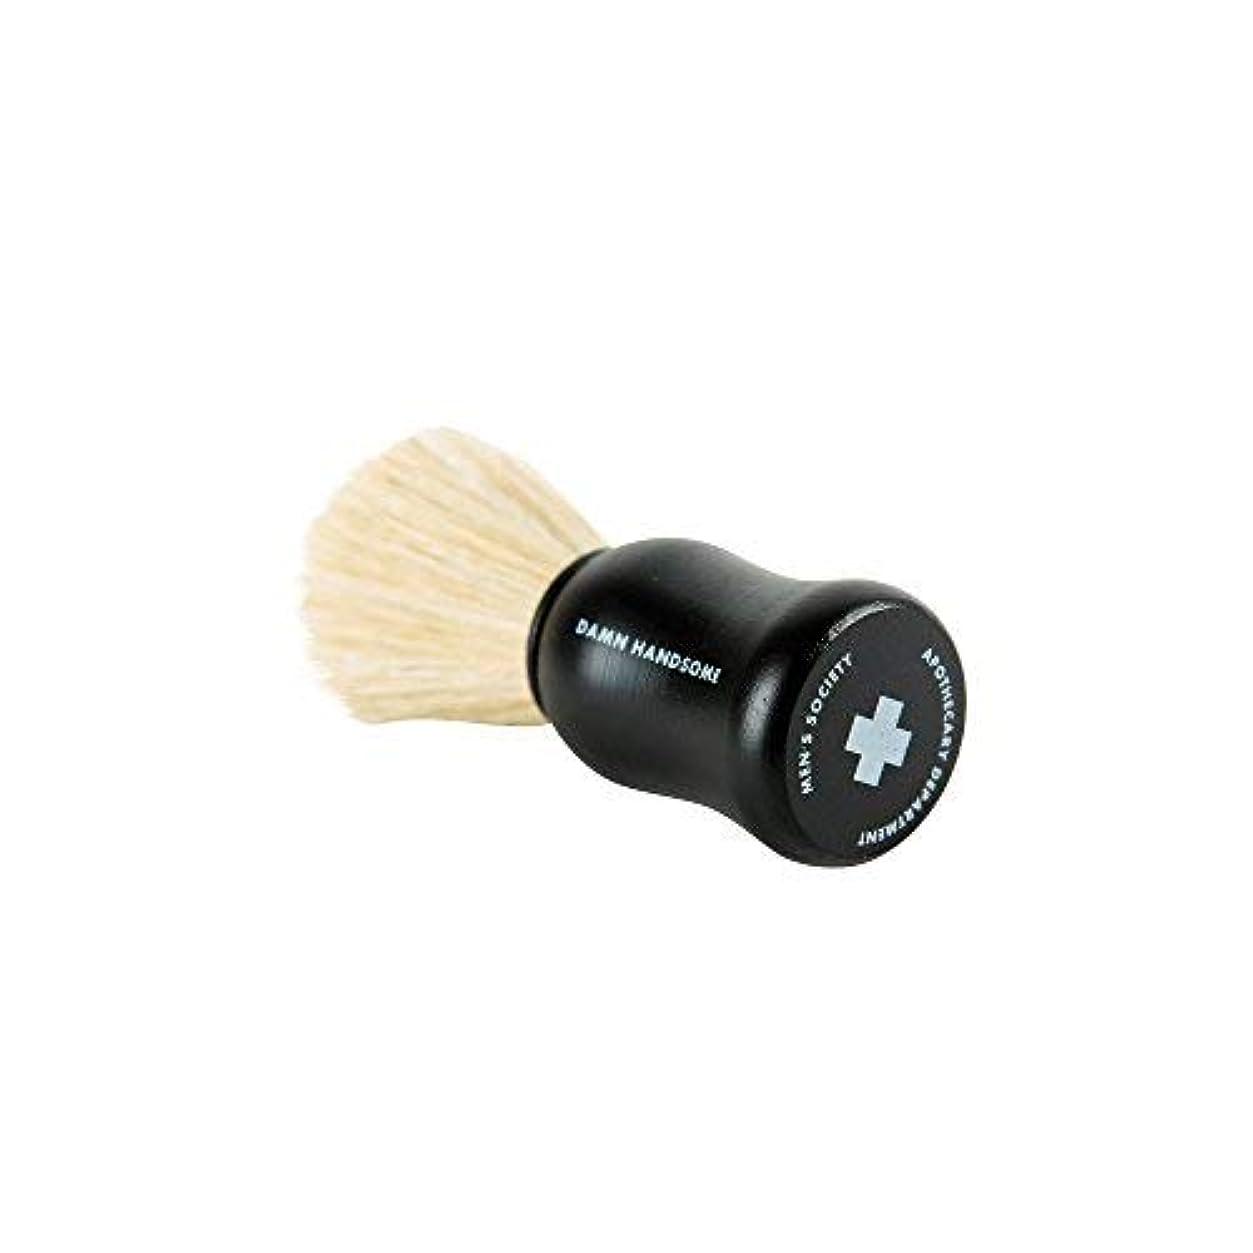 裁定惑星ファブリックMen's Society Shave Brush -Travel Shaving Brush for Men [並行輸入品]